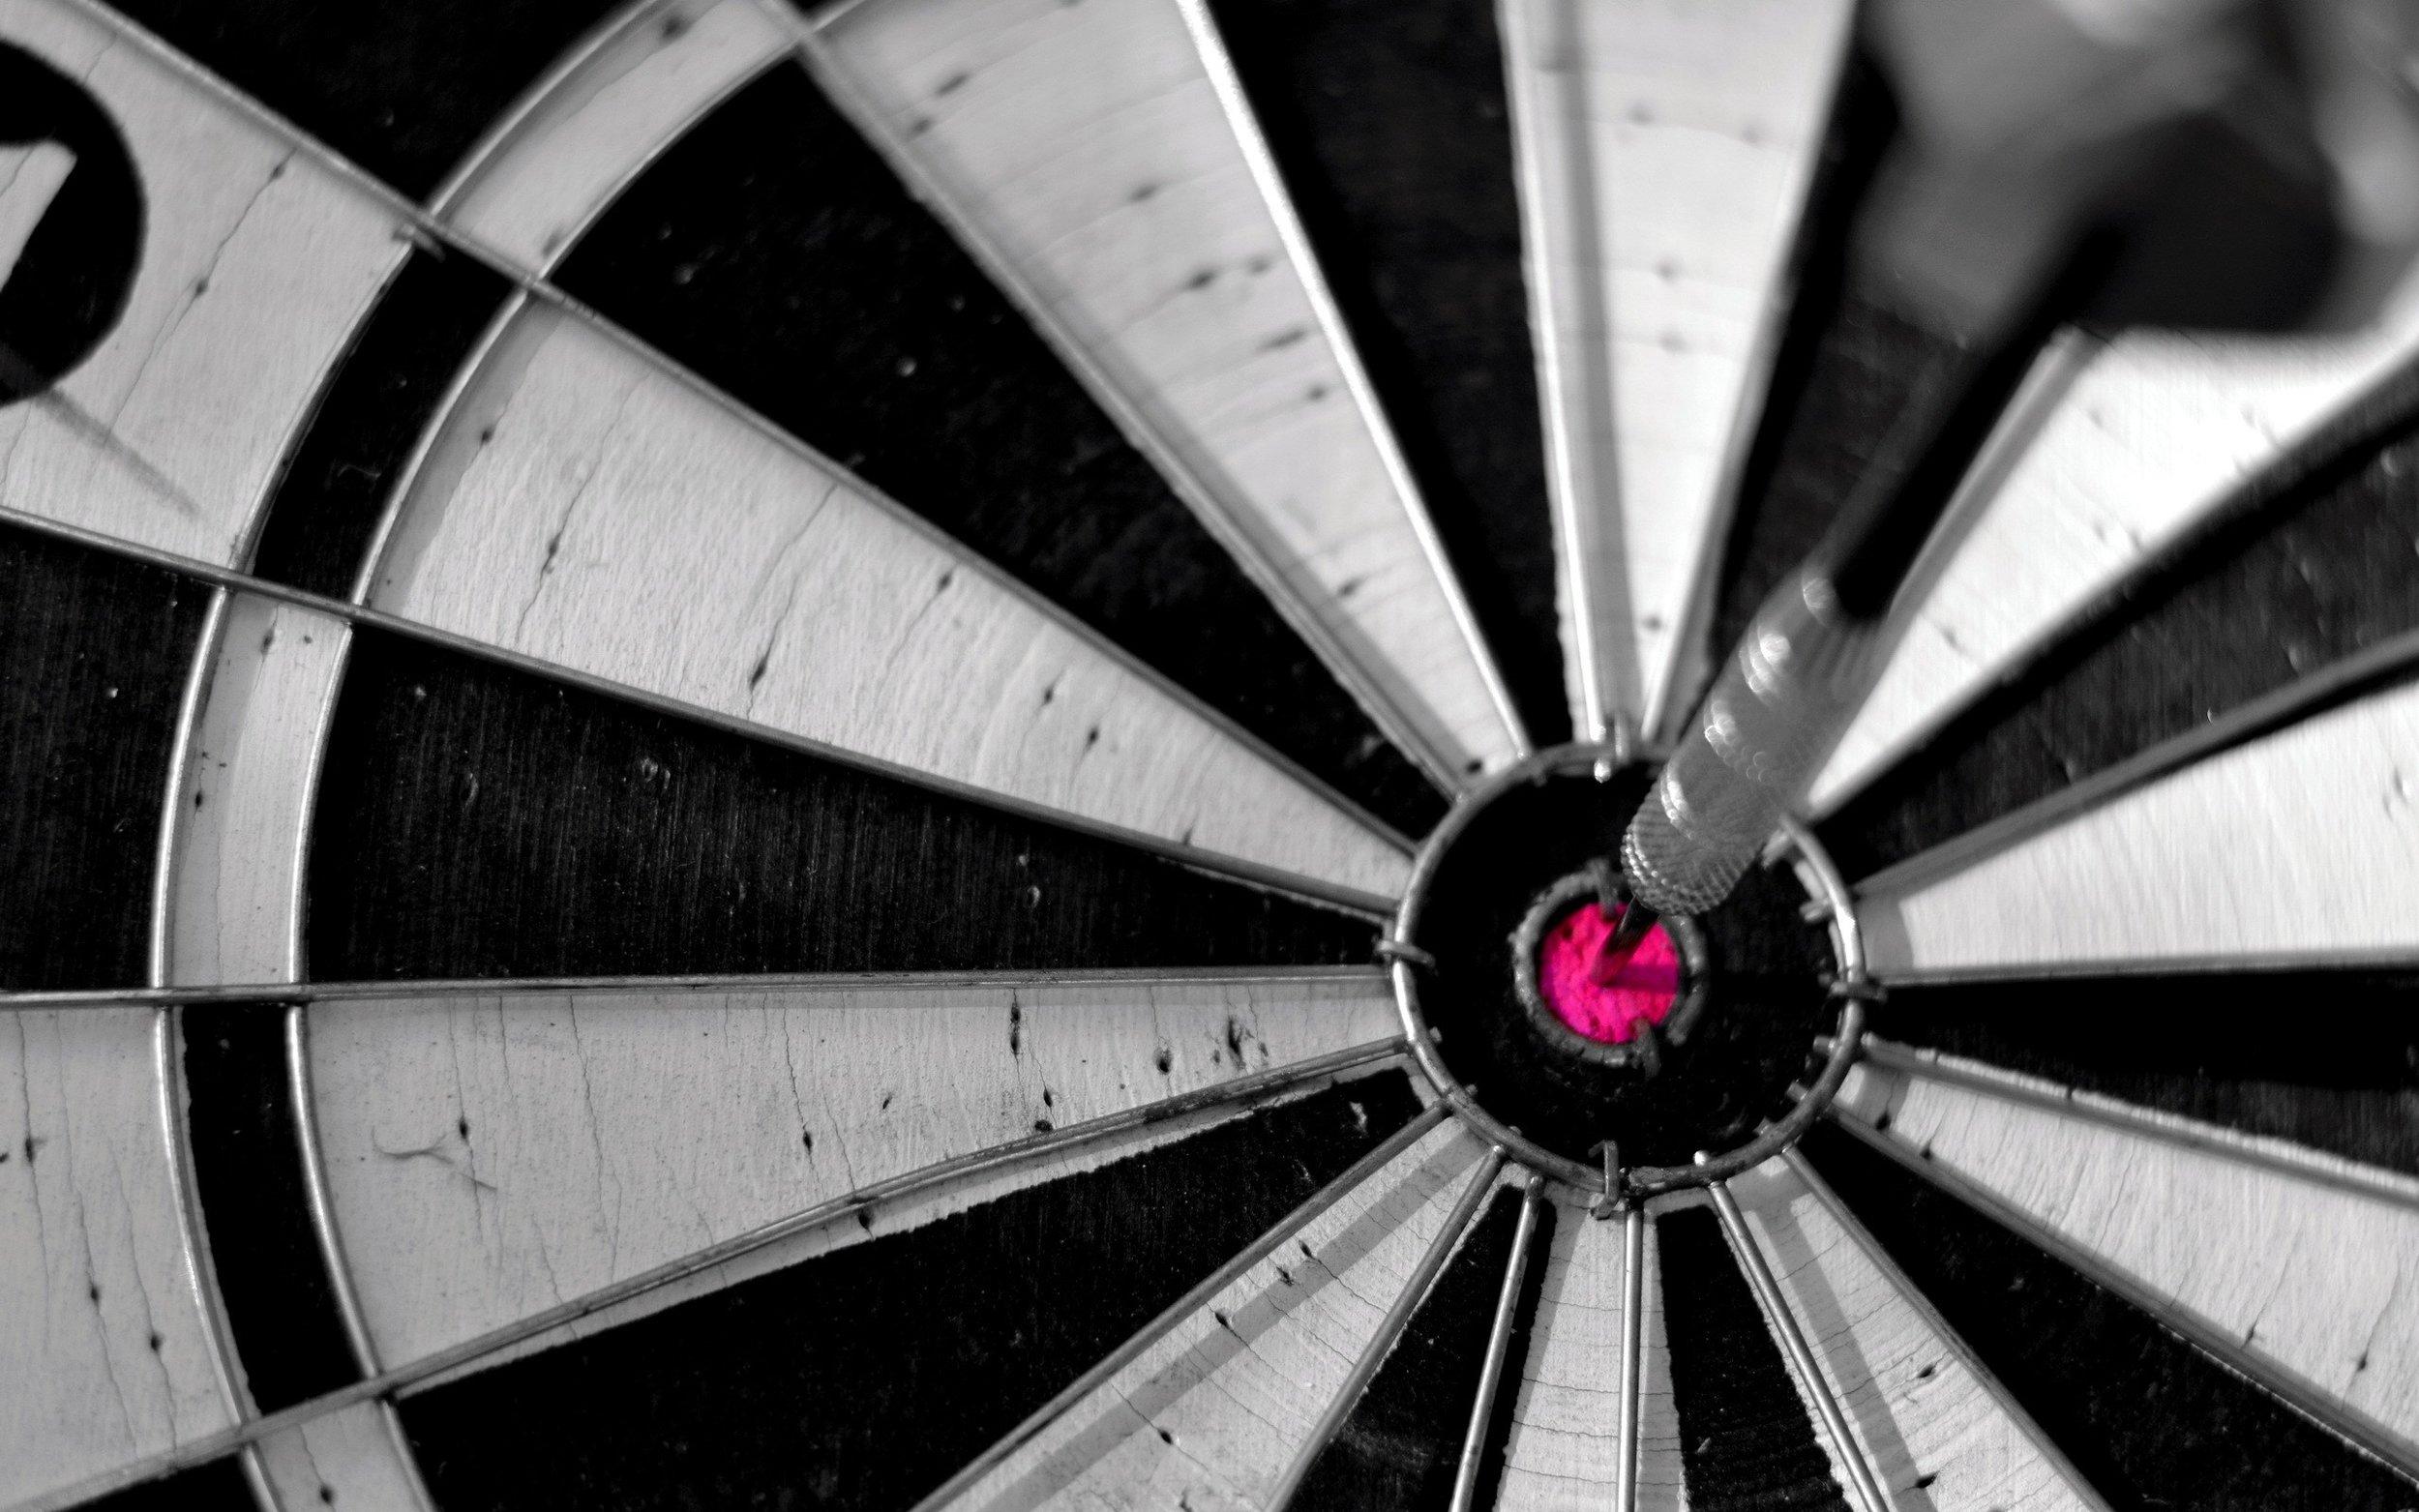 7011597-dartboard-bullseye-sport-macro1.jpg